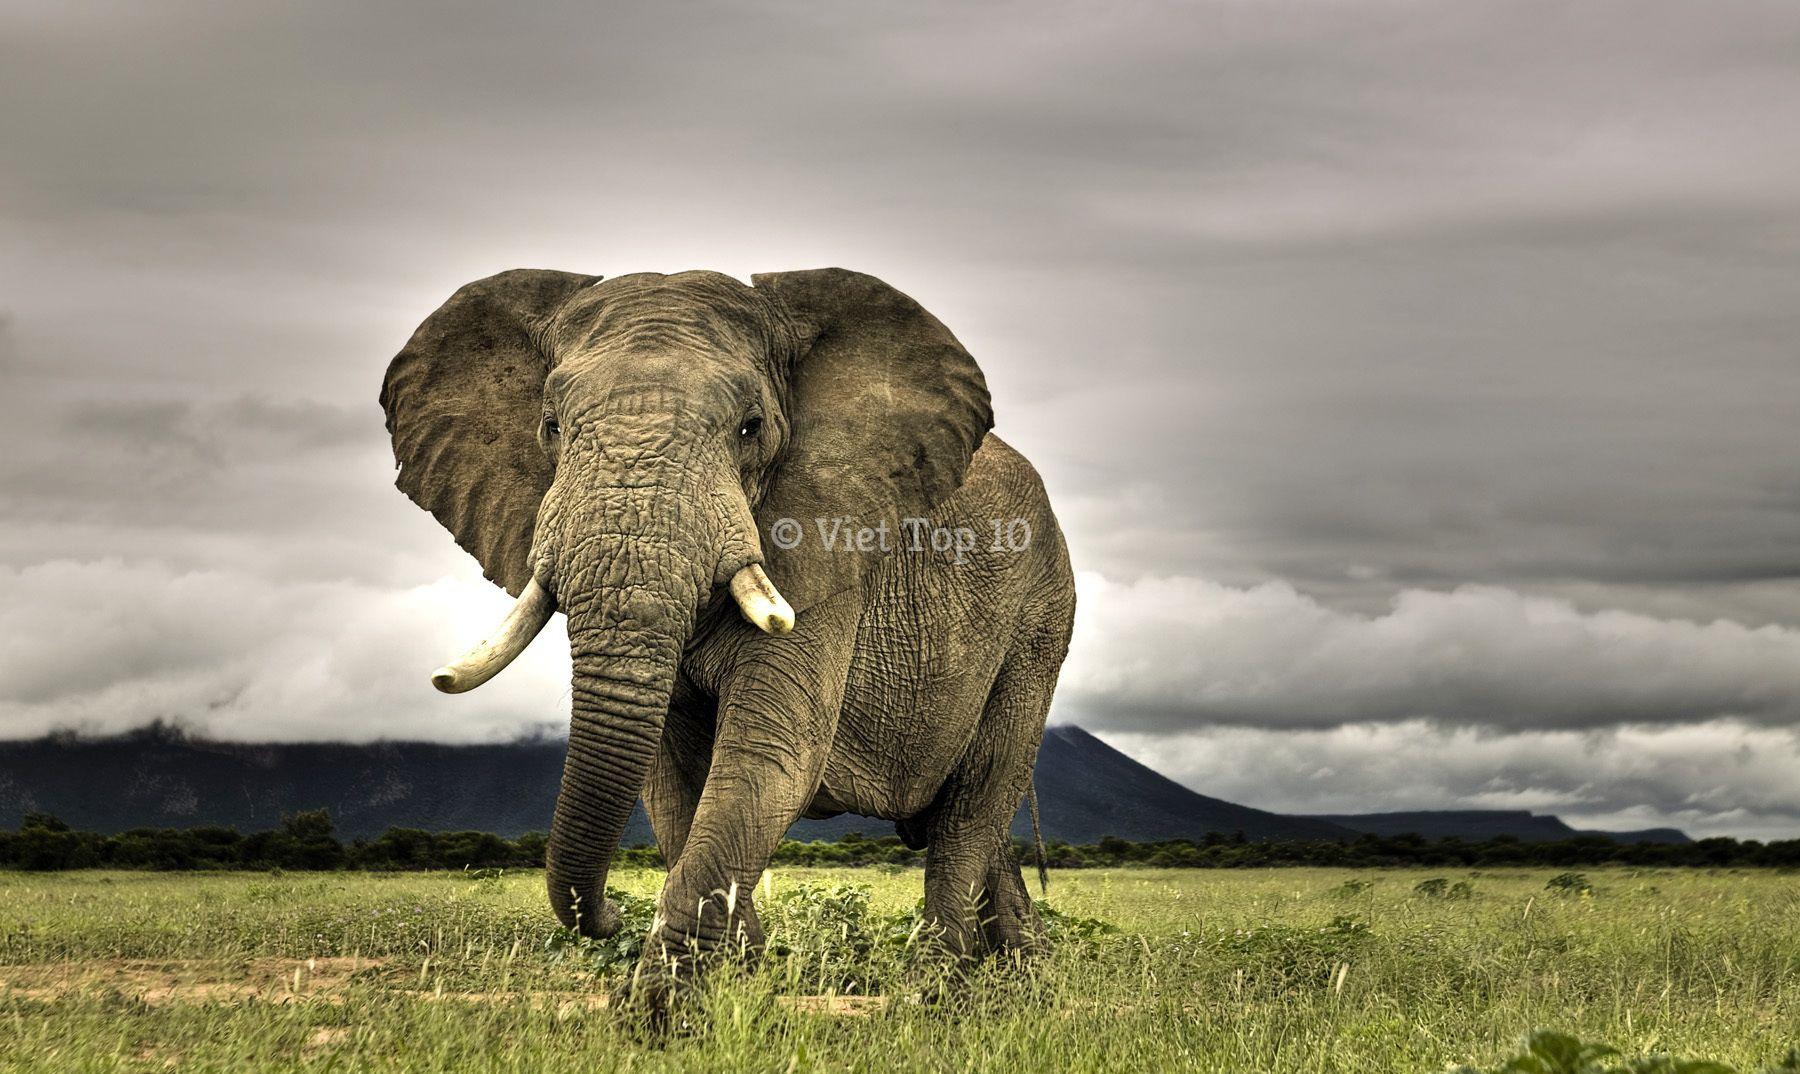 loài động vật giết người nhiều nhất thế giới, việt top 10, viet top 10, top 10, viettop10.net, top x